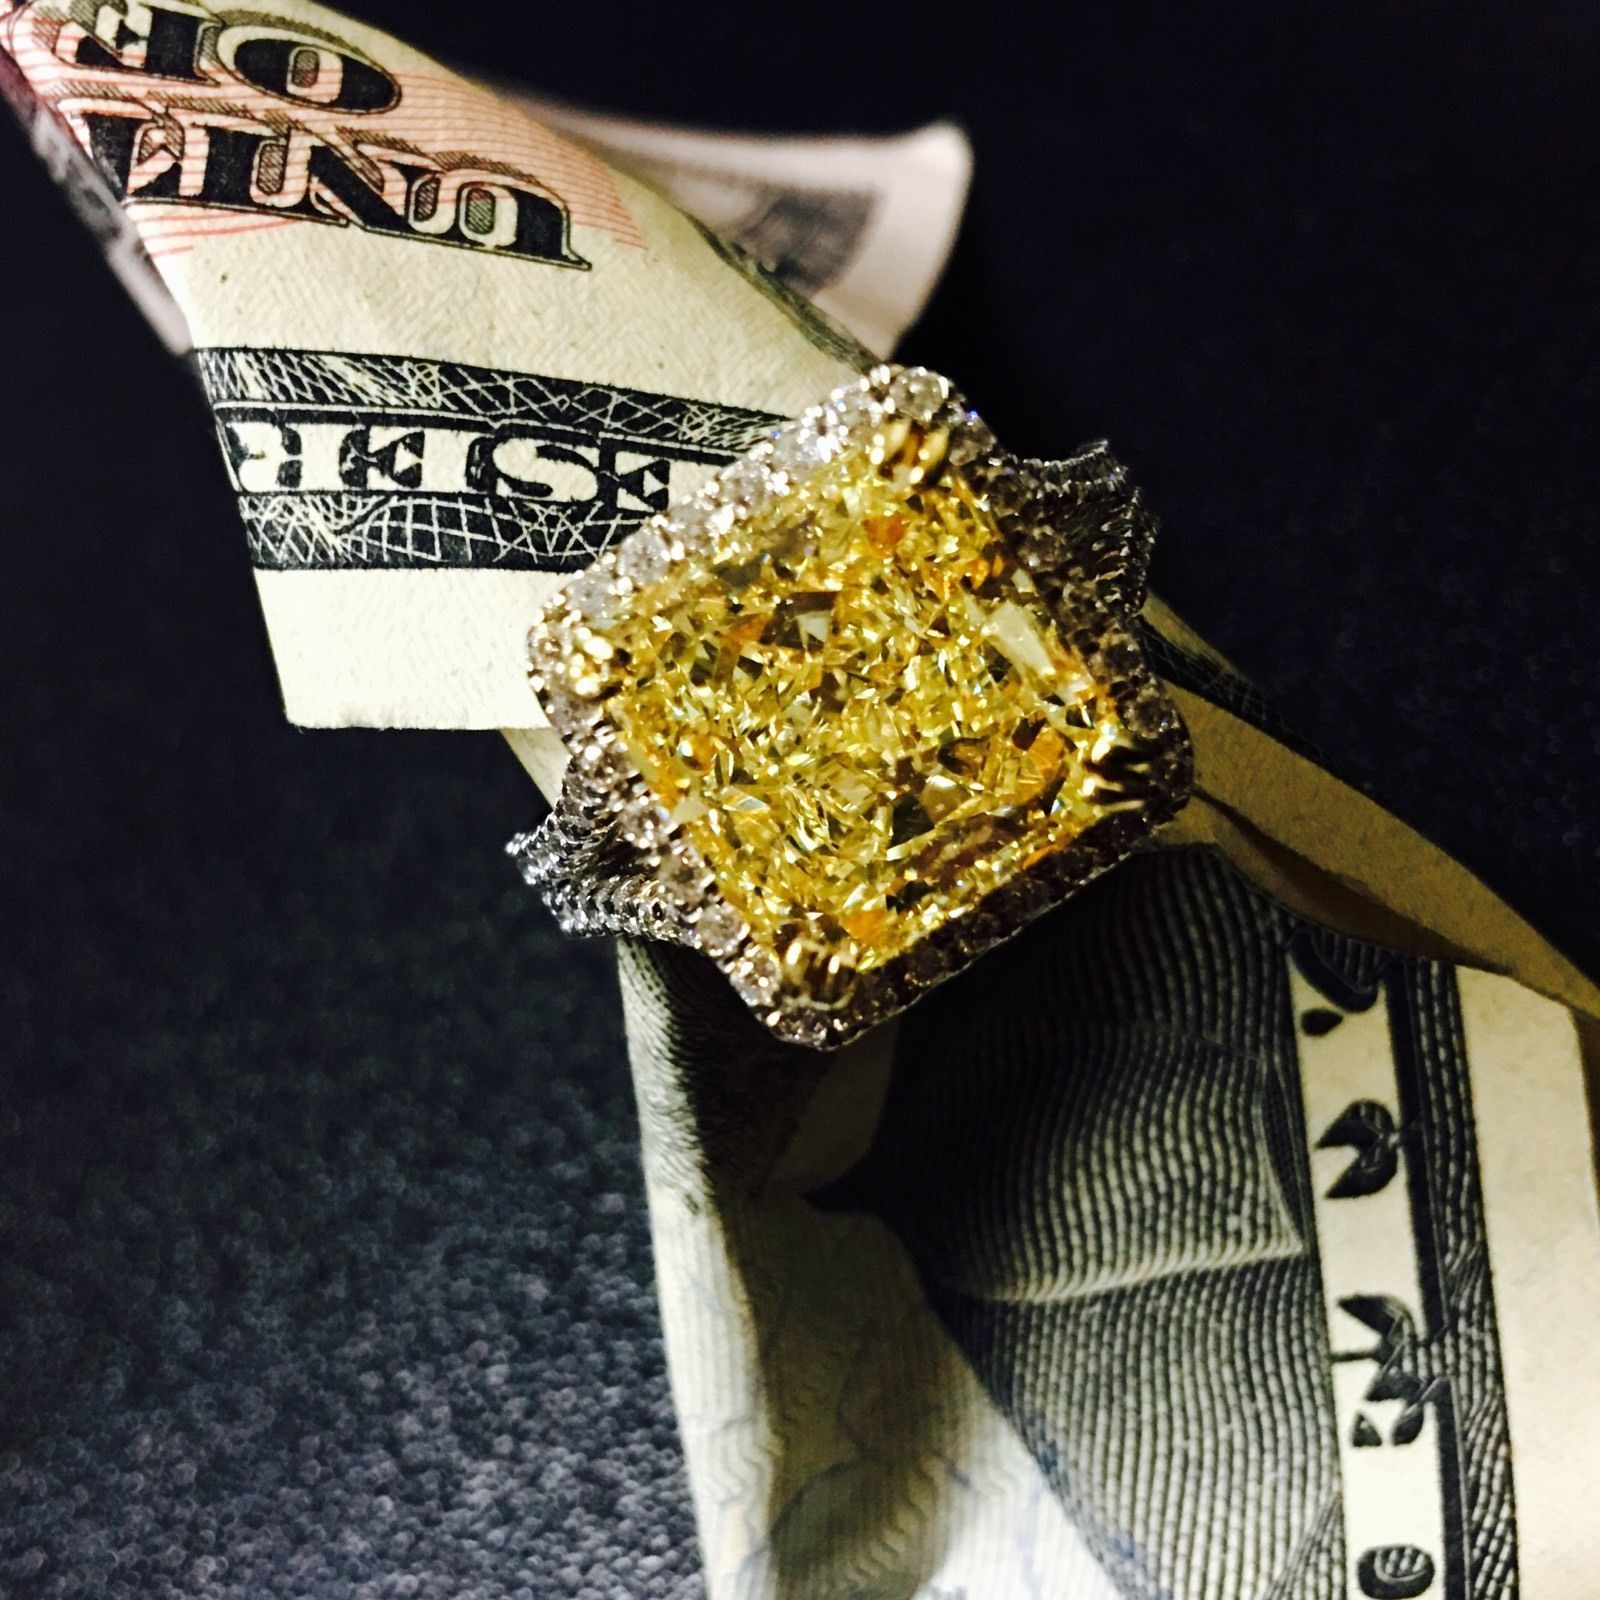 6.79 Ct vs Fantasía Amarillo Radiante Resaltado Anillo de Compromiso Diamante